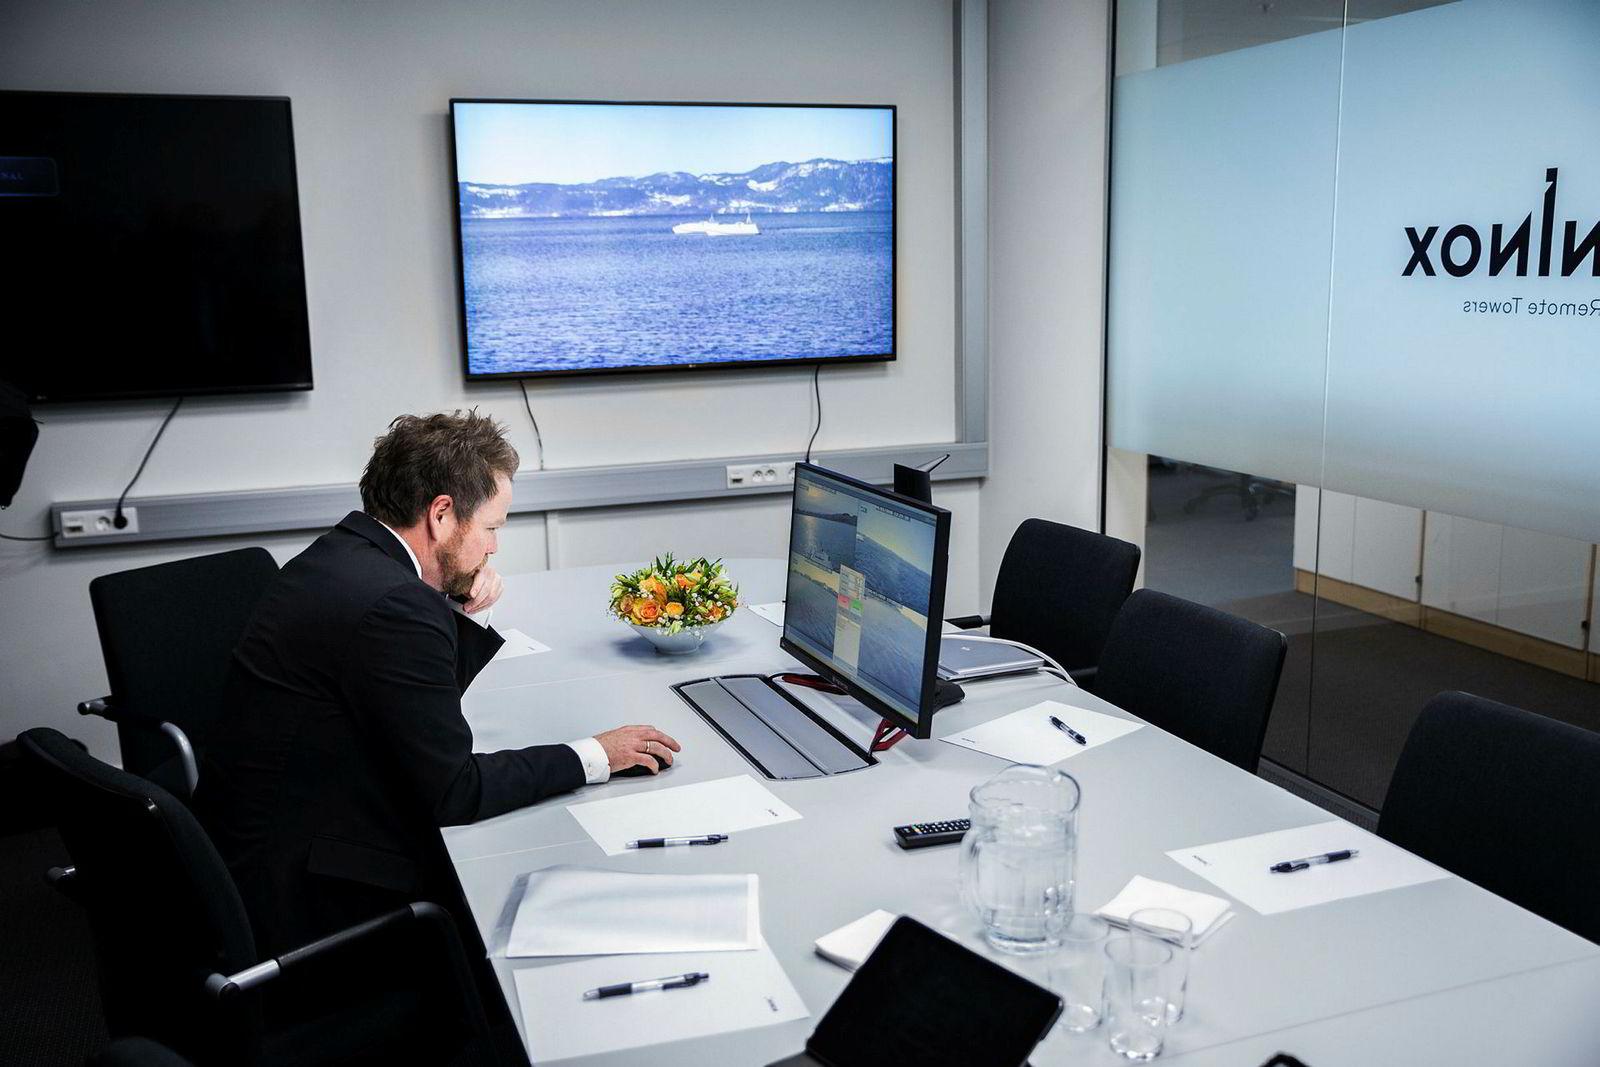 – Det ser ut som de krasjer, sa næringsminister Torbjørn Røe Isaksen da han tok styringen over en såkalt autonom båt i Trondheimsfjorden.